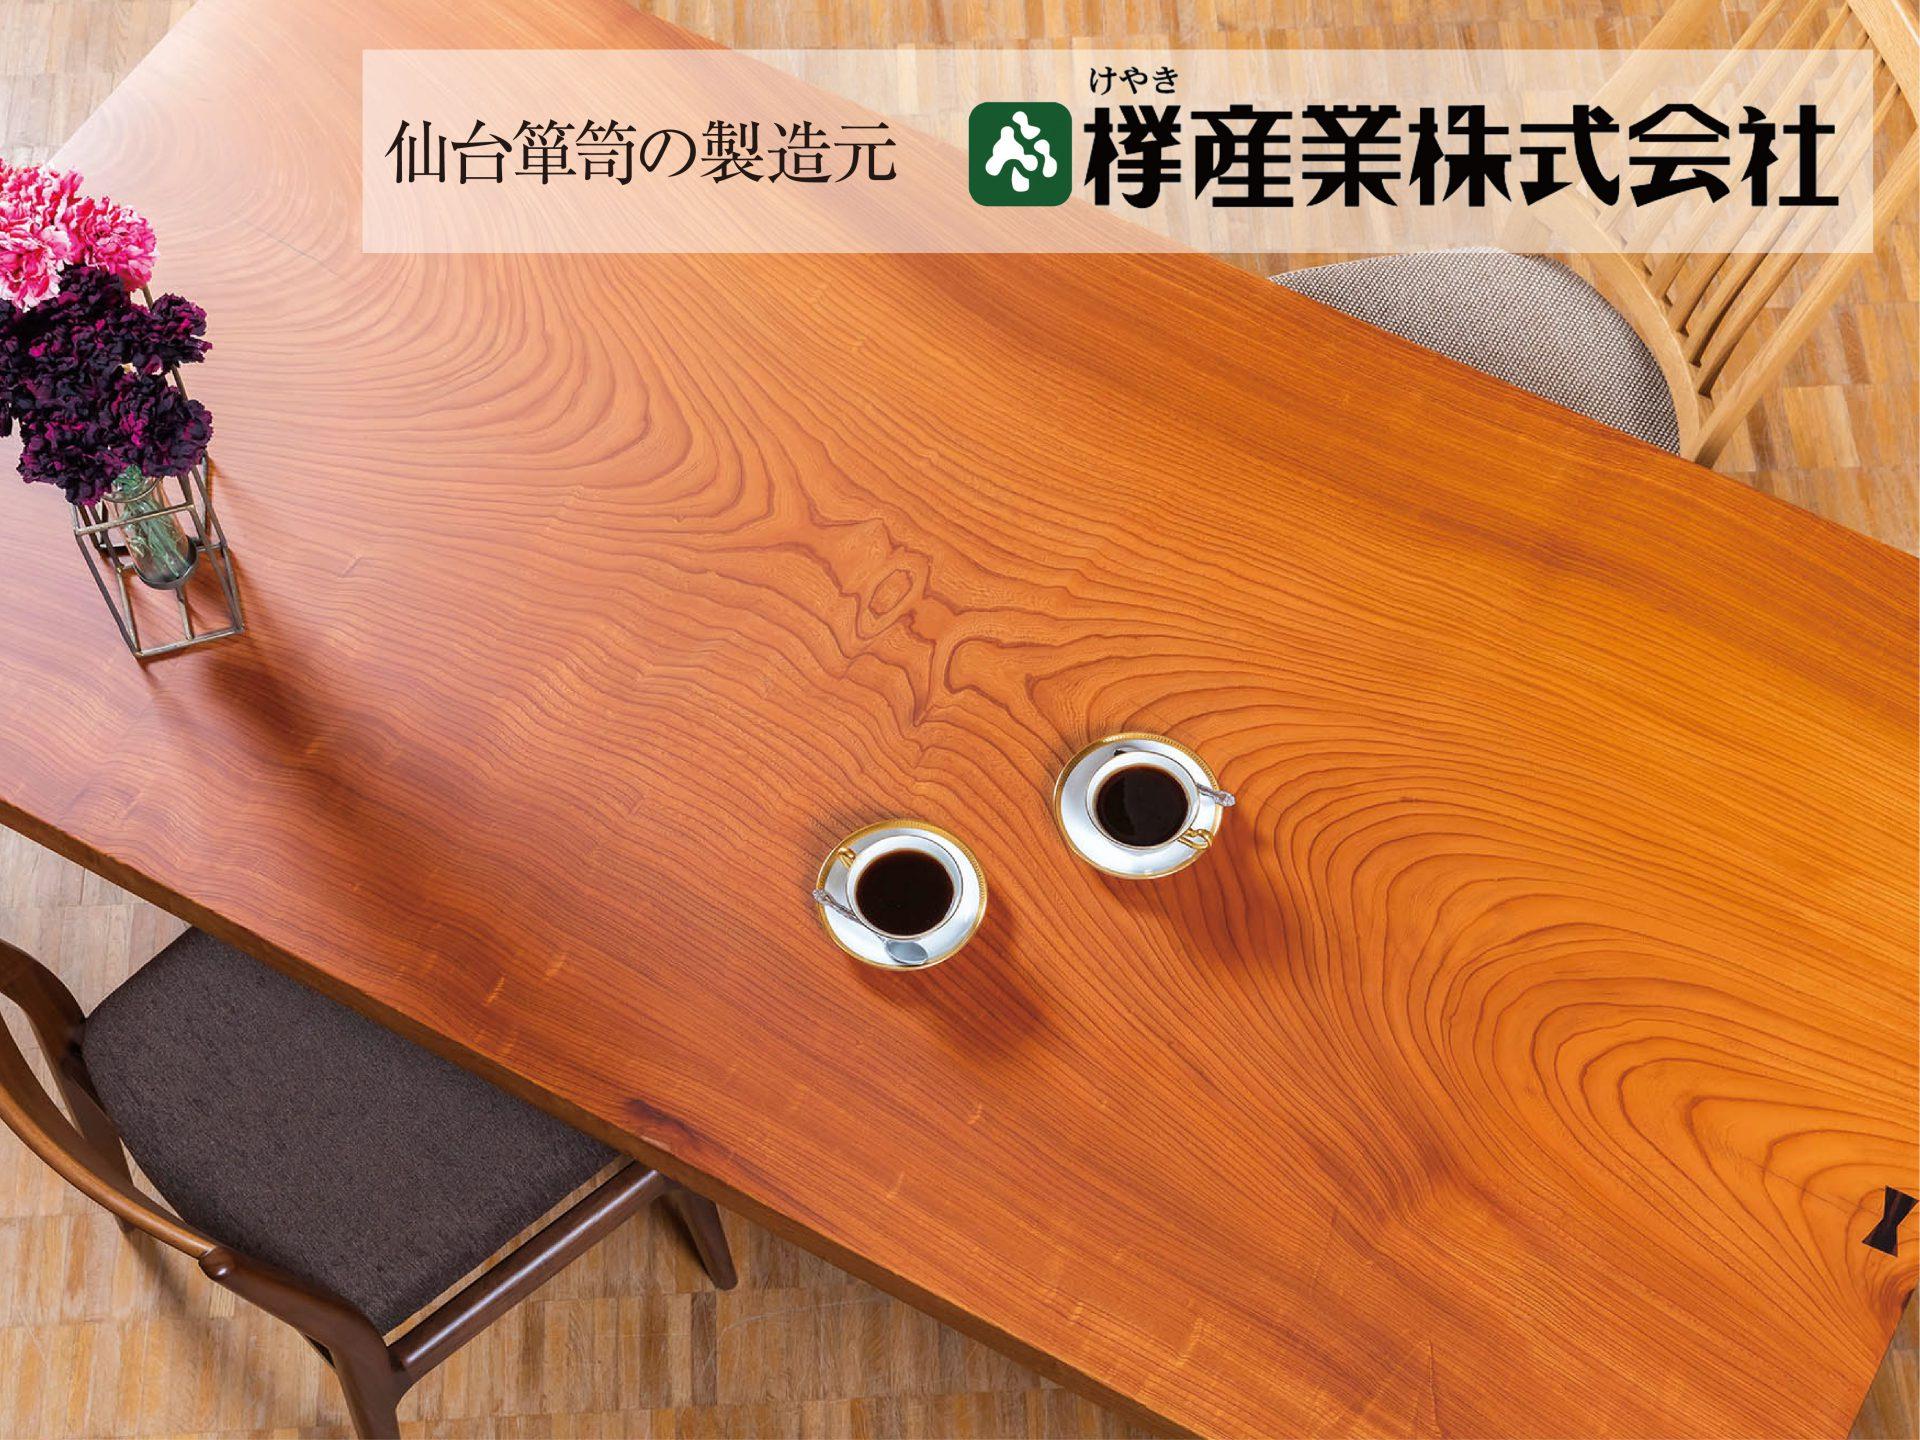 4/17㈯~25㈰『欅産業』にて 一枚板クリアランスセール&Go To Keyaki キャンペーン開催!日常に木のぬくもりをプラス唯一無二の銘木一枚板が大集合